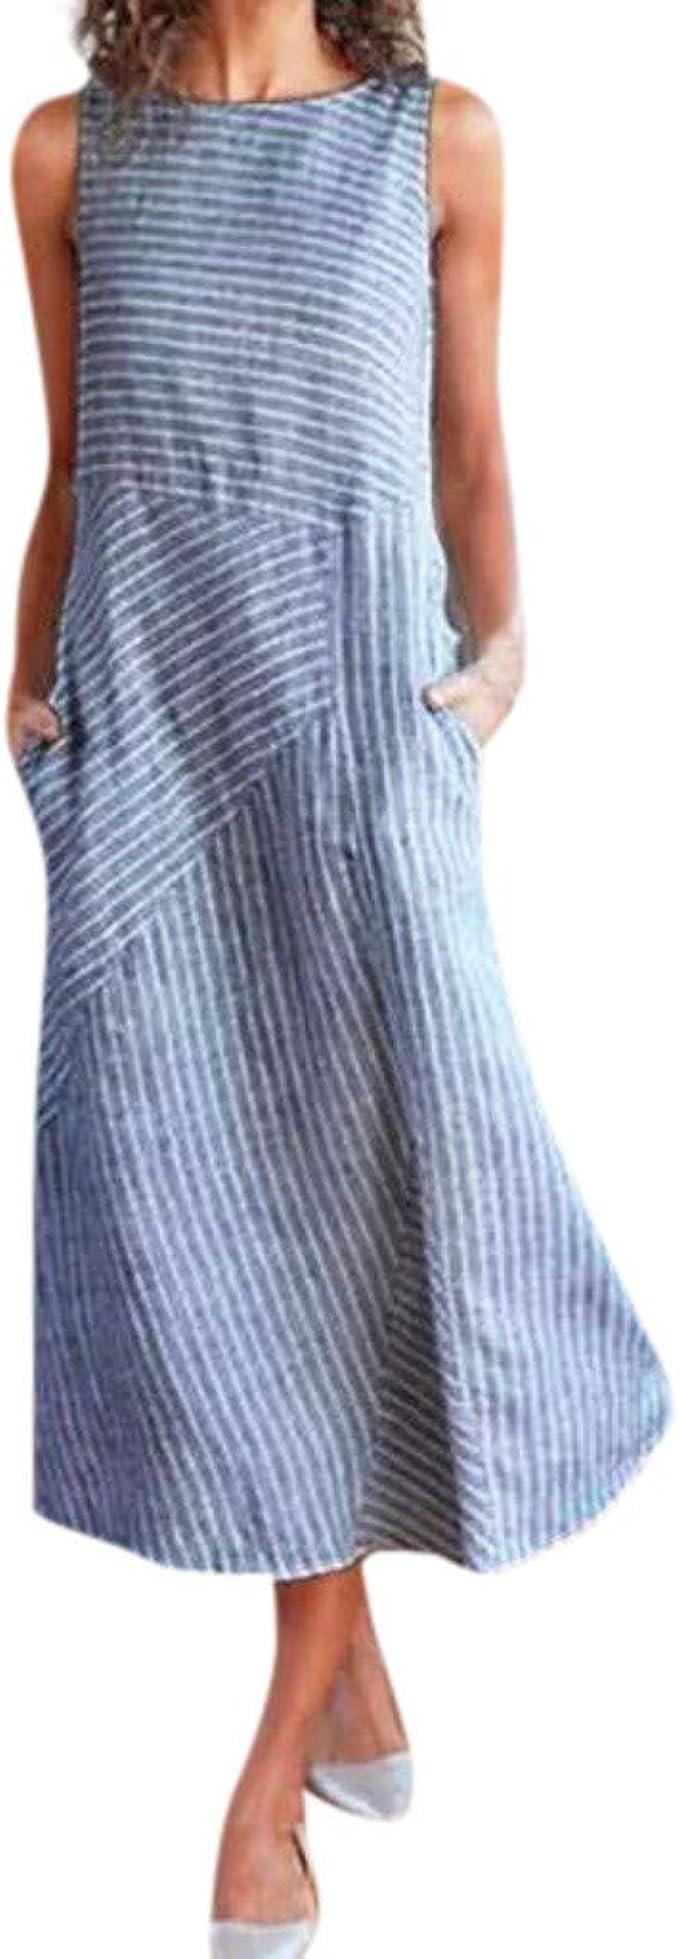 Aini Vestido De Algodón Y Lino Falda Larga Vestido De Rayas Falda De Playa Estampada Vestido Casual Vestido De Fiesta Mujer Vestido Fiesta Largo Sin Mangas De Maxi Vestidos Boho De Playa